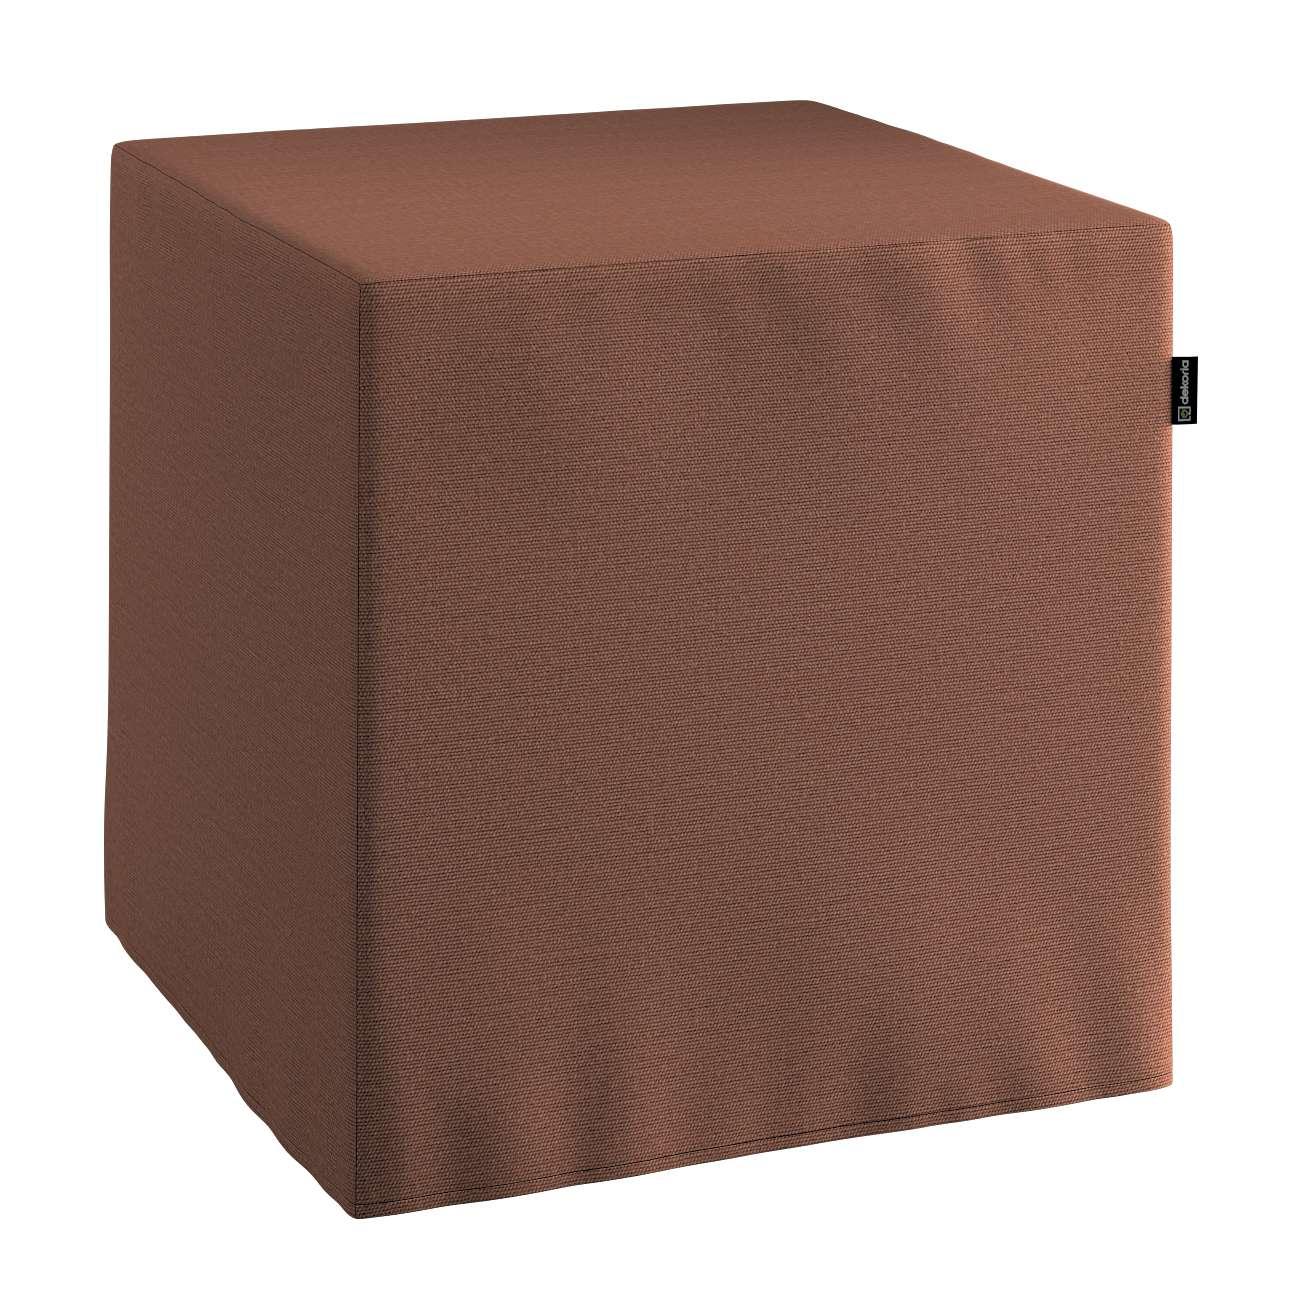 Pokrowiec na pufę kostke kostka 40x40x40 cm w kolekcji Loneta, tkanina: 133-09